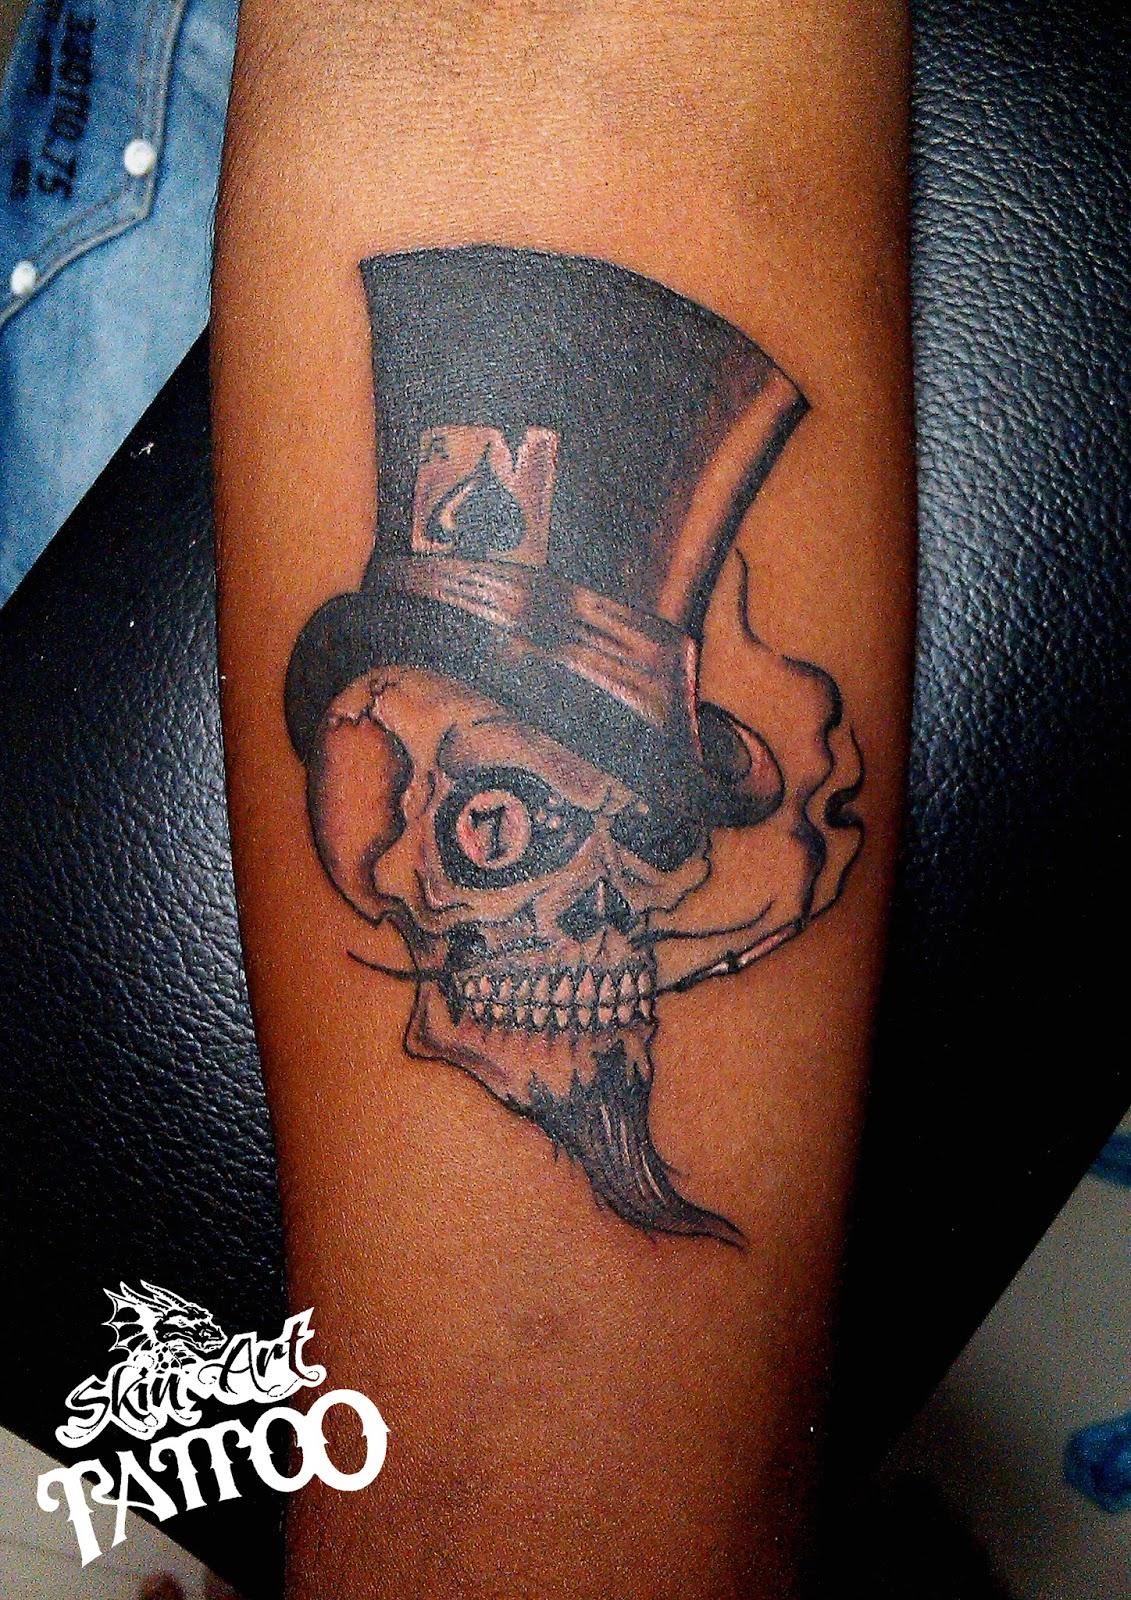 SKIN ART TATTOO: Simplicity Tattoo